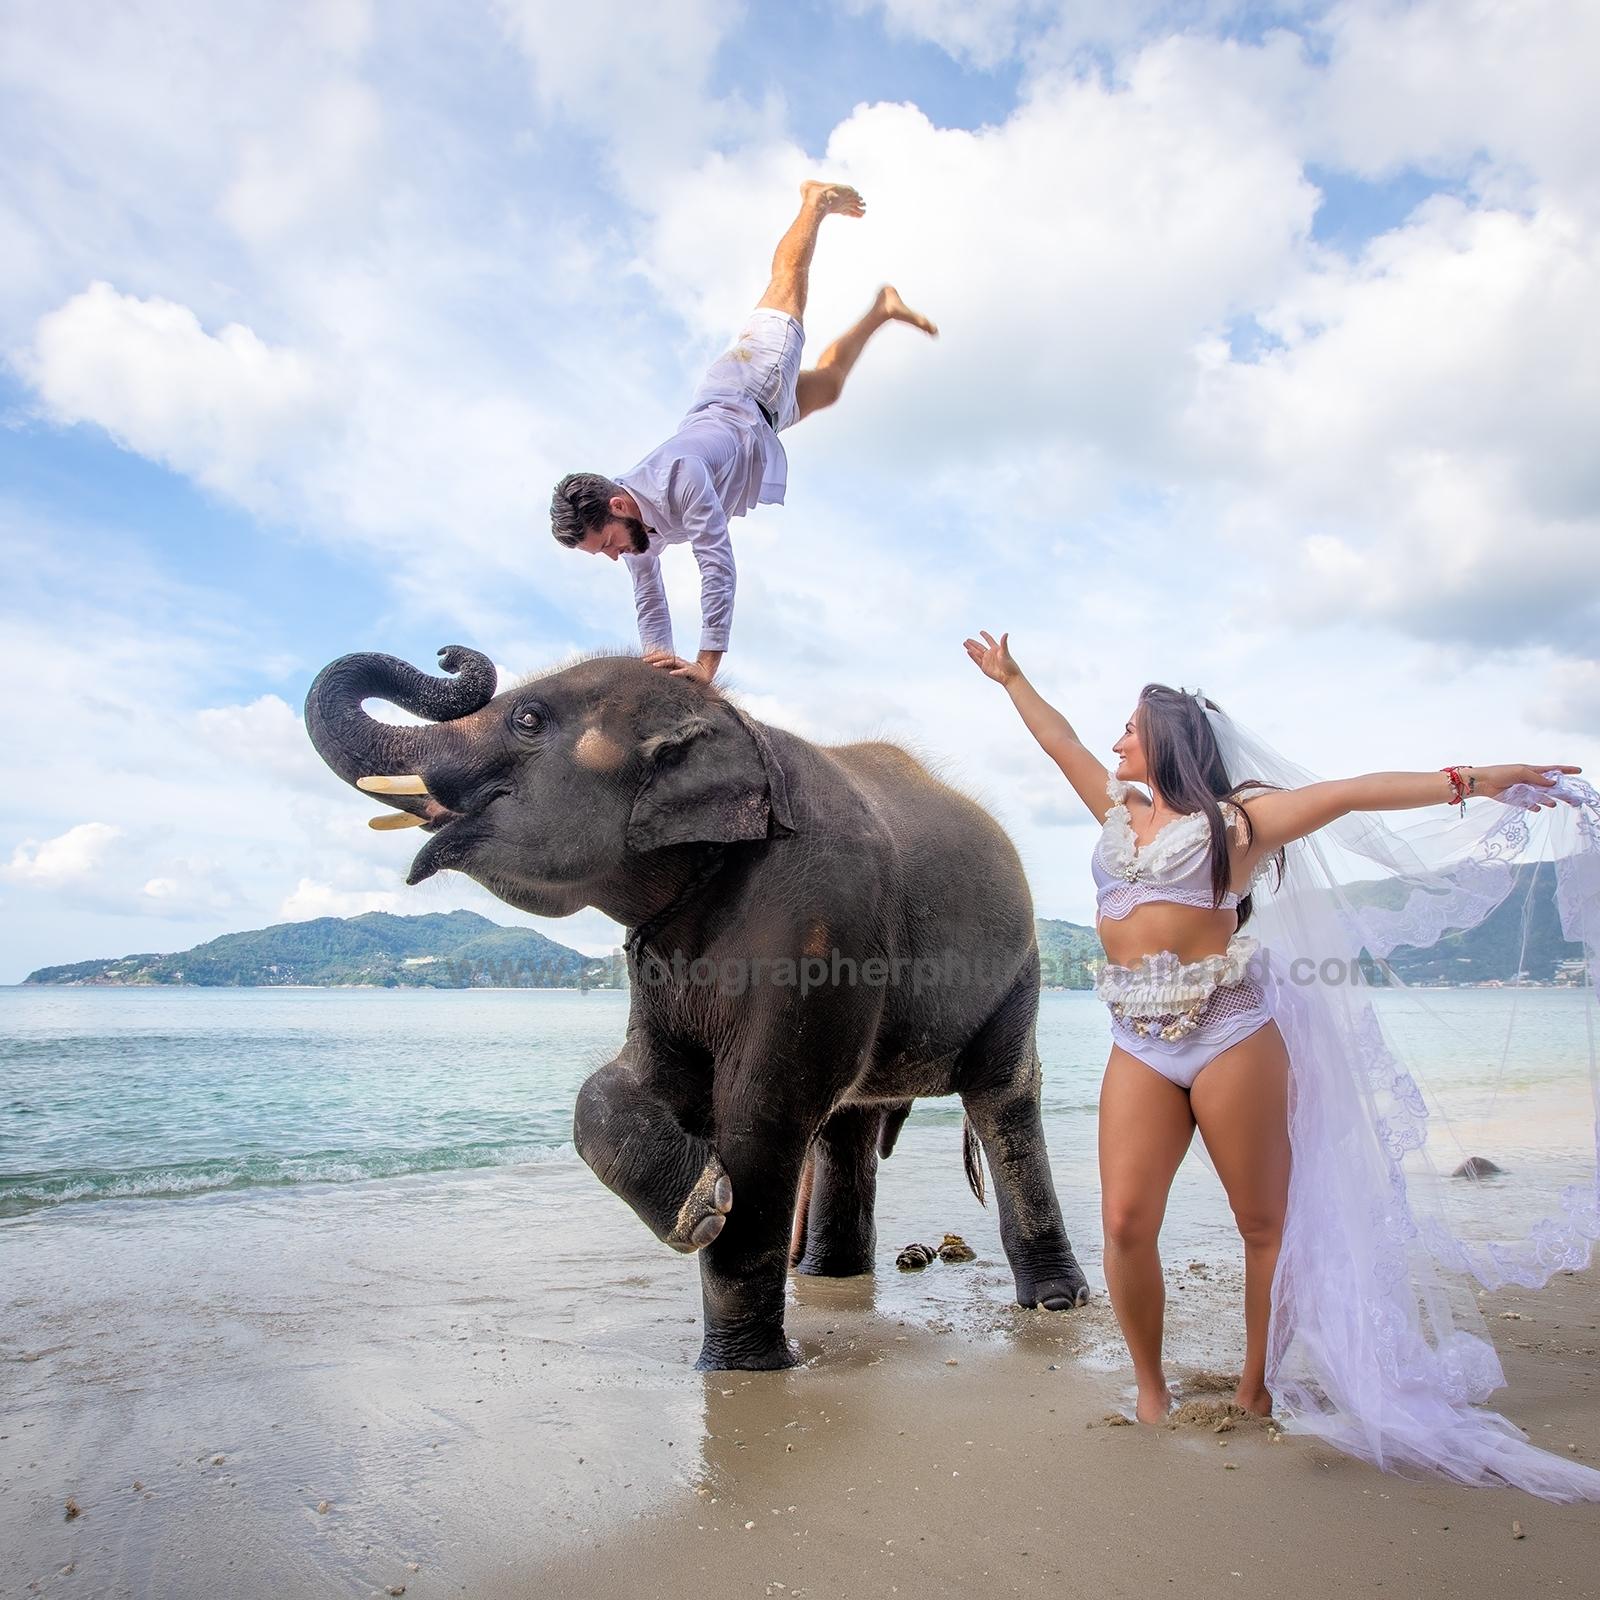 pre wedding photo taking with elephant at Phuket Thailand